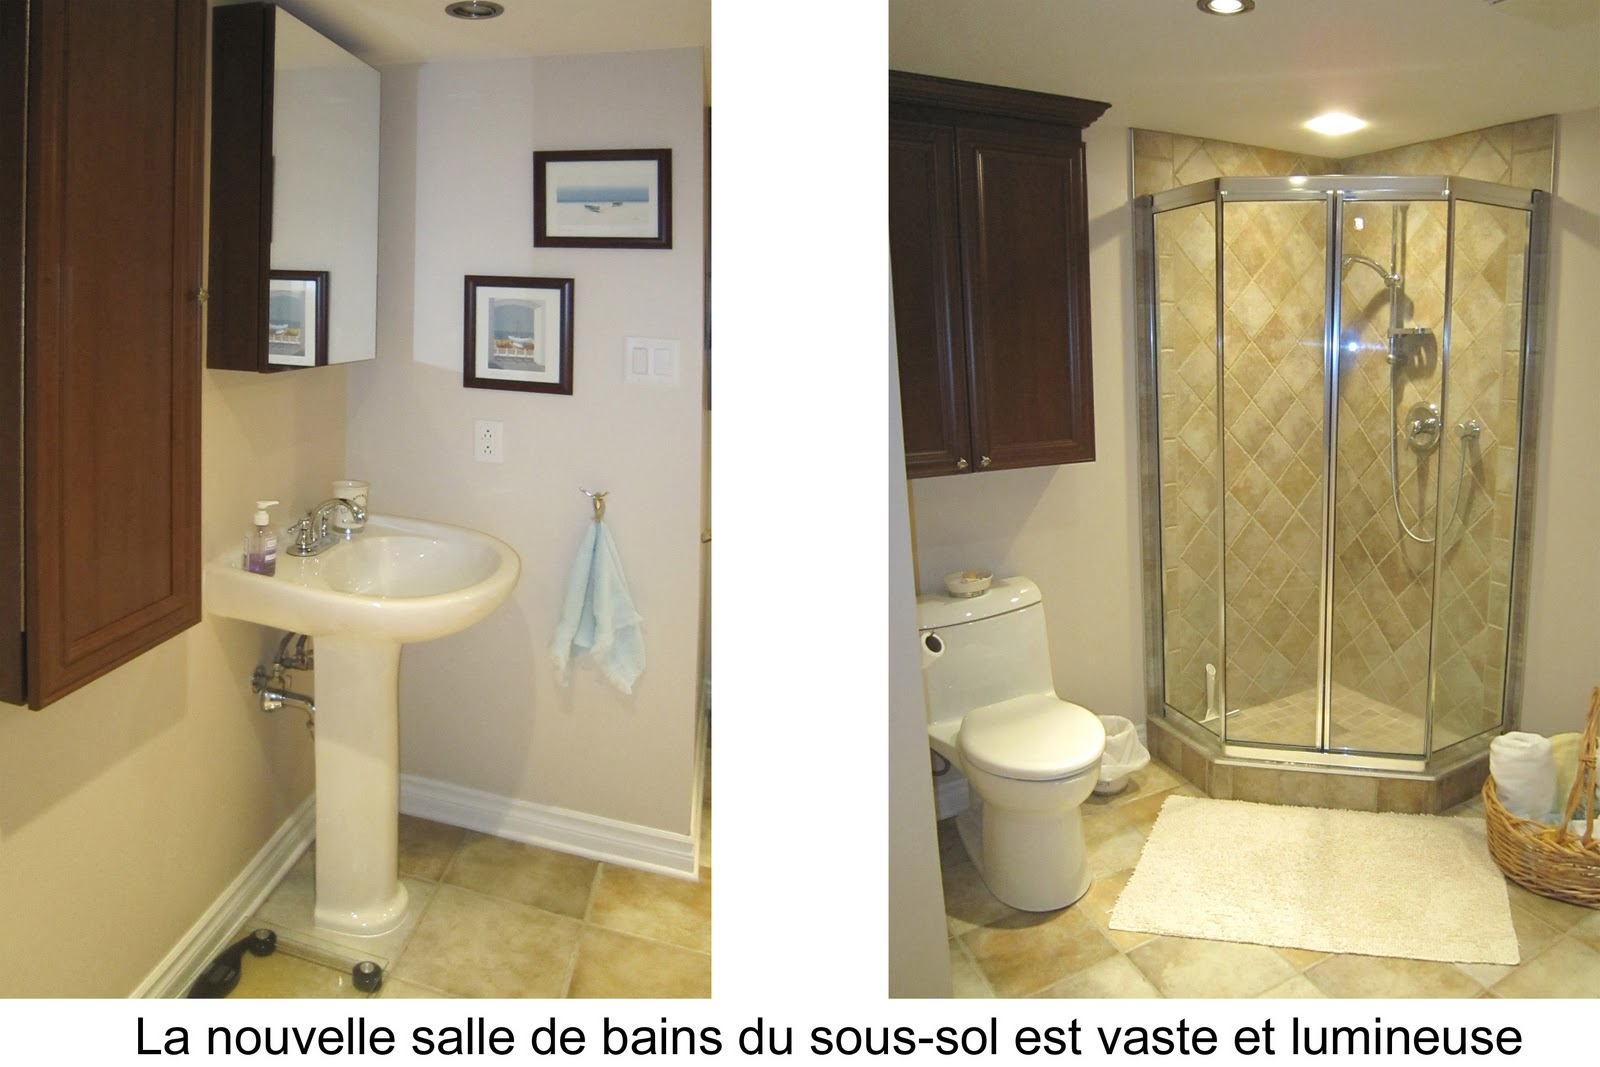 Idee salle de bain sous sol pr l vement d for Salle de bain plan de campagne